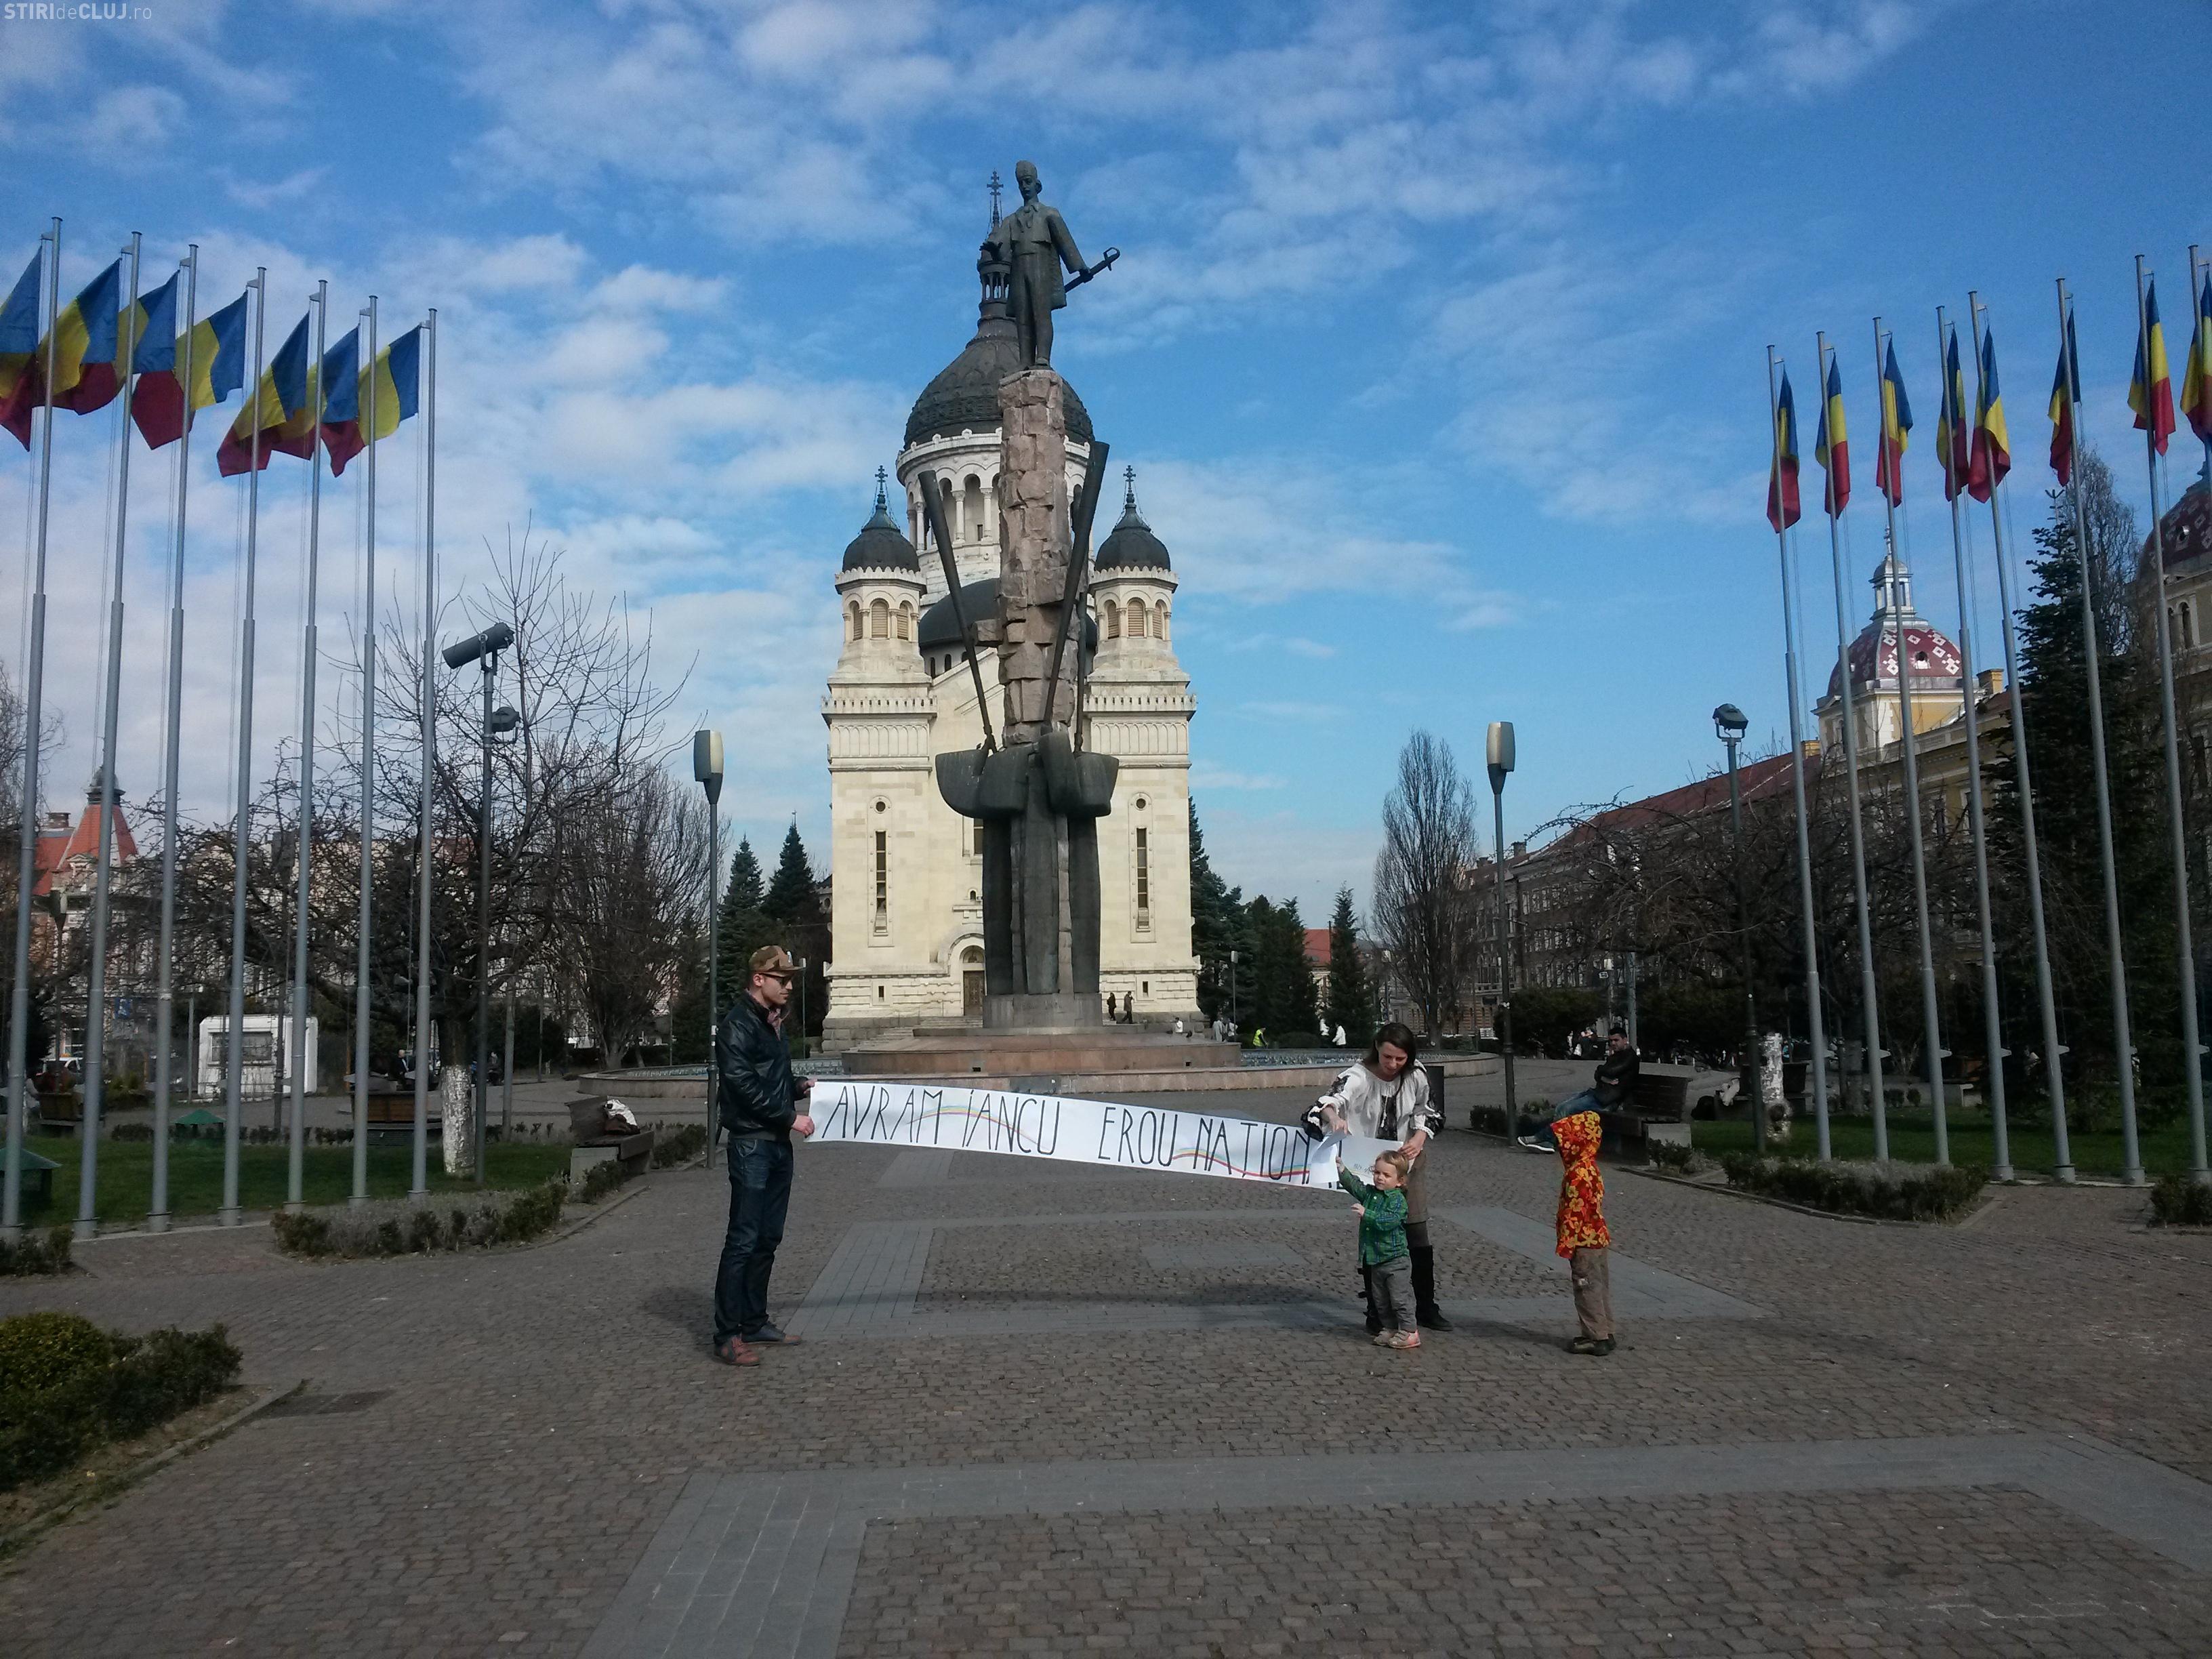 """Flash-mob de susținere a proiectului """"Avram Iancu - Erou național"""" - FOTO"""